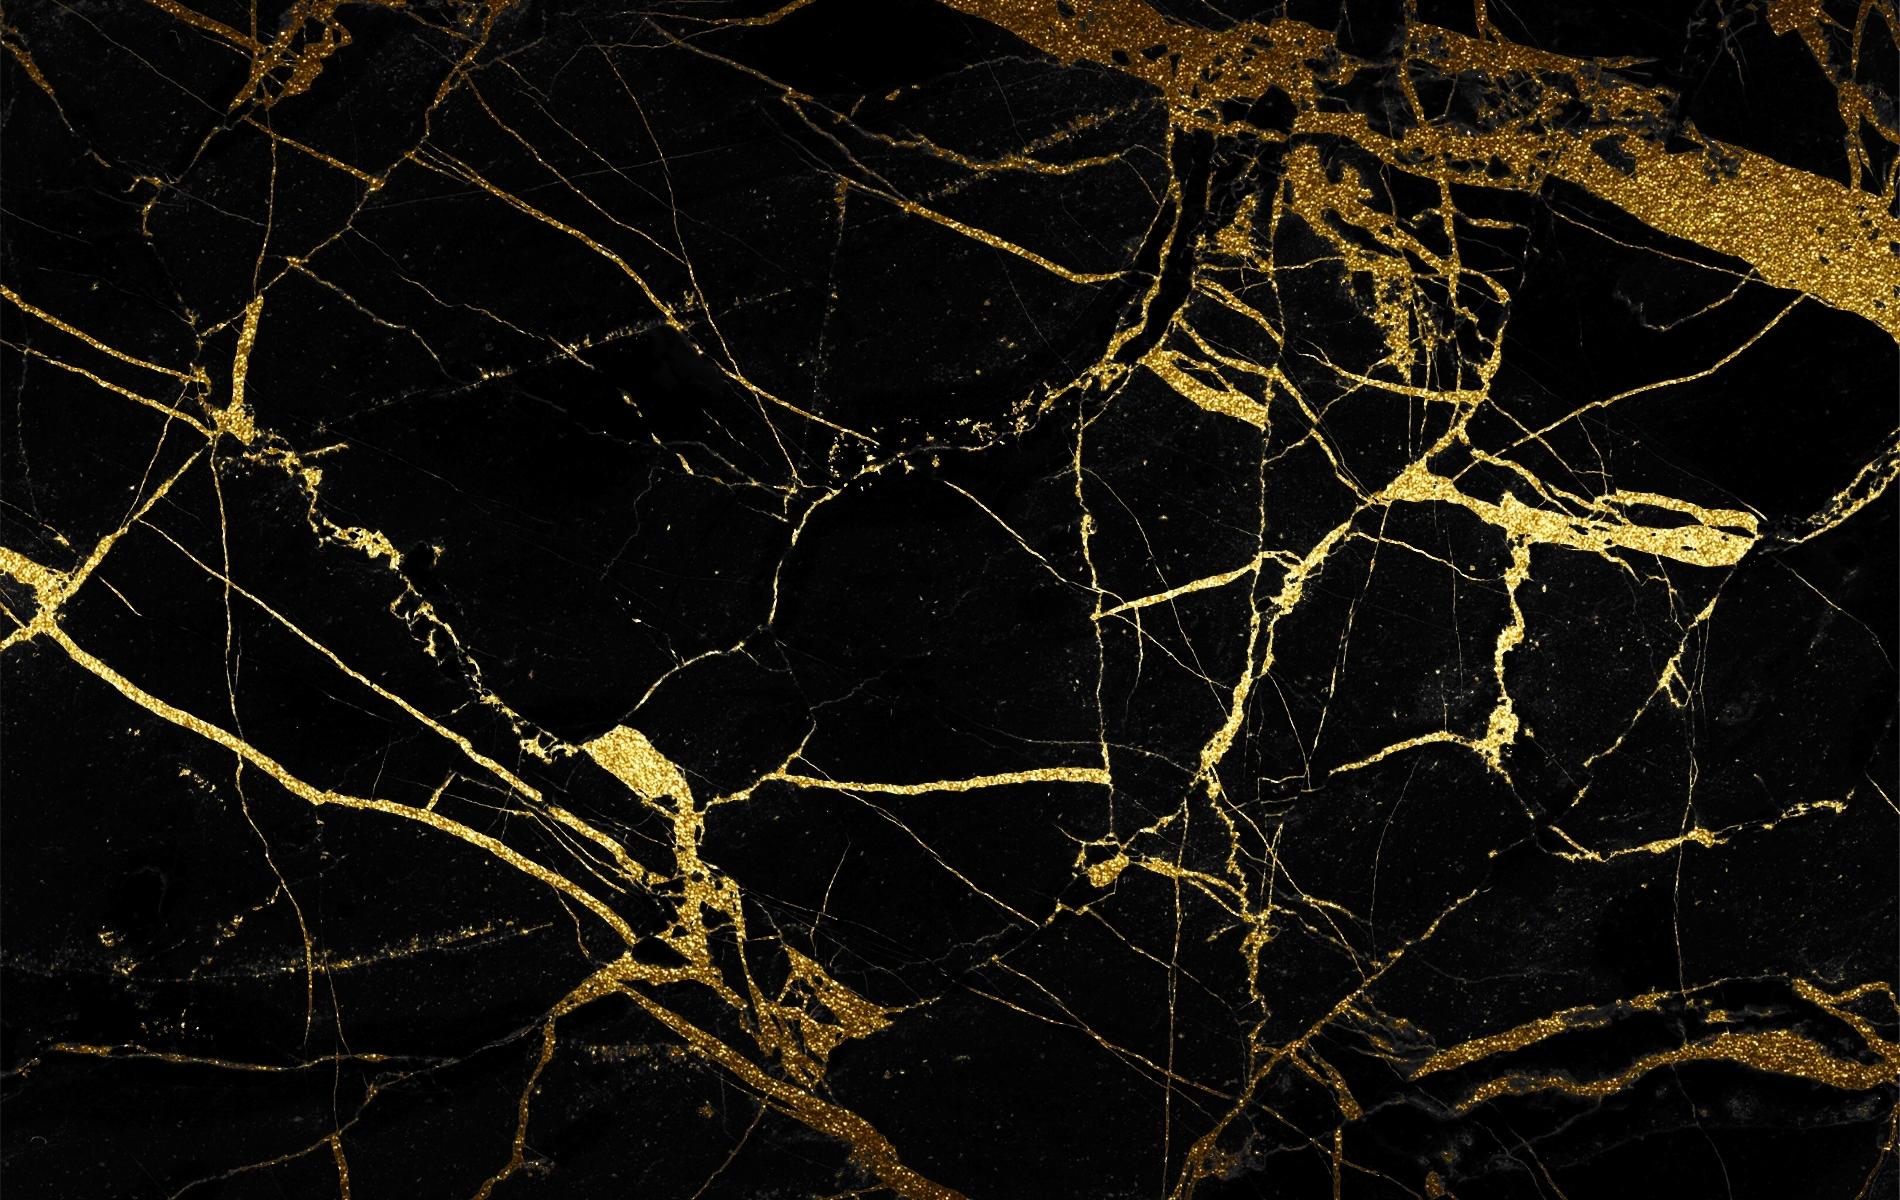 black and gold wallpaper hd | pixelstalk